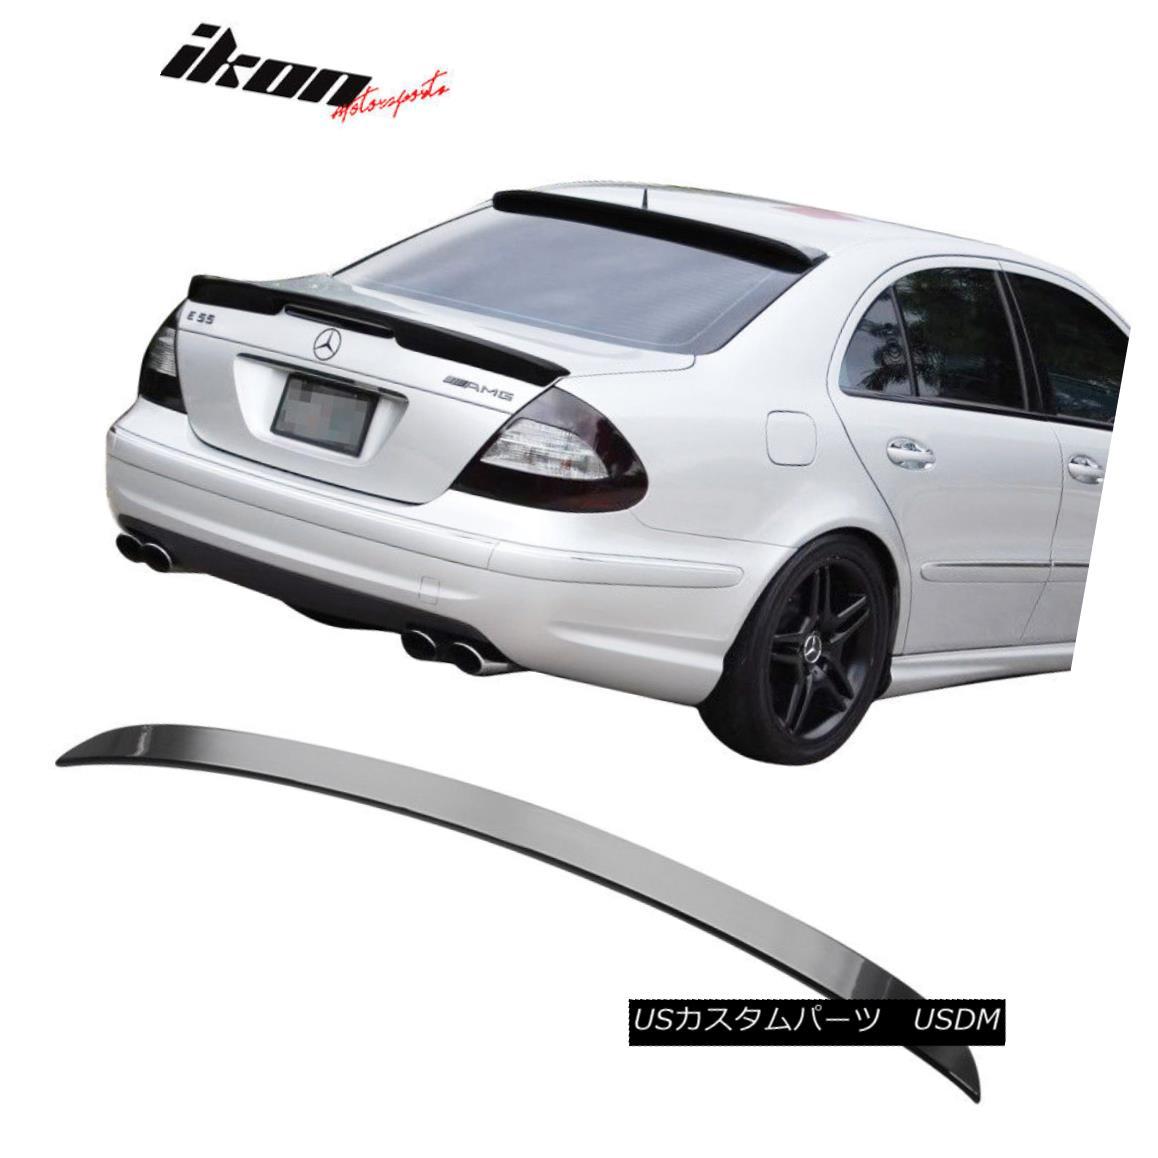 エアロパーツ Fits 03-09 Benz E-Class W211 Sedan L Type ABS Trunk Spoiler Painted Black #040 フィット03-09ベンツEクラスW211セダンLタイプABSトランクスポイラーペイントブラック#040